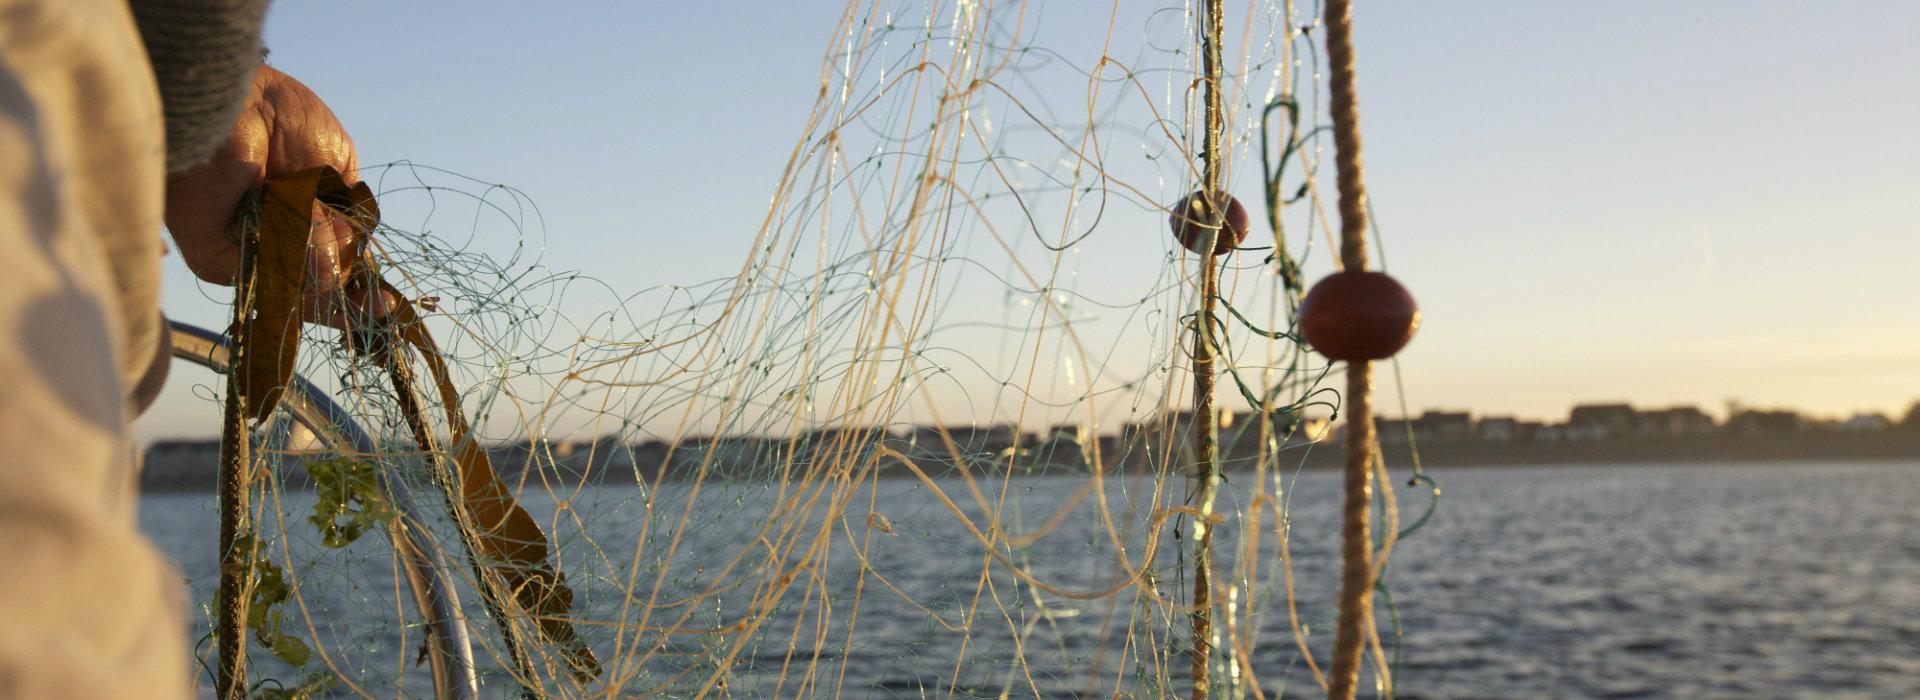 Découvrir le monde de la mer & de la pêche à La Turballe